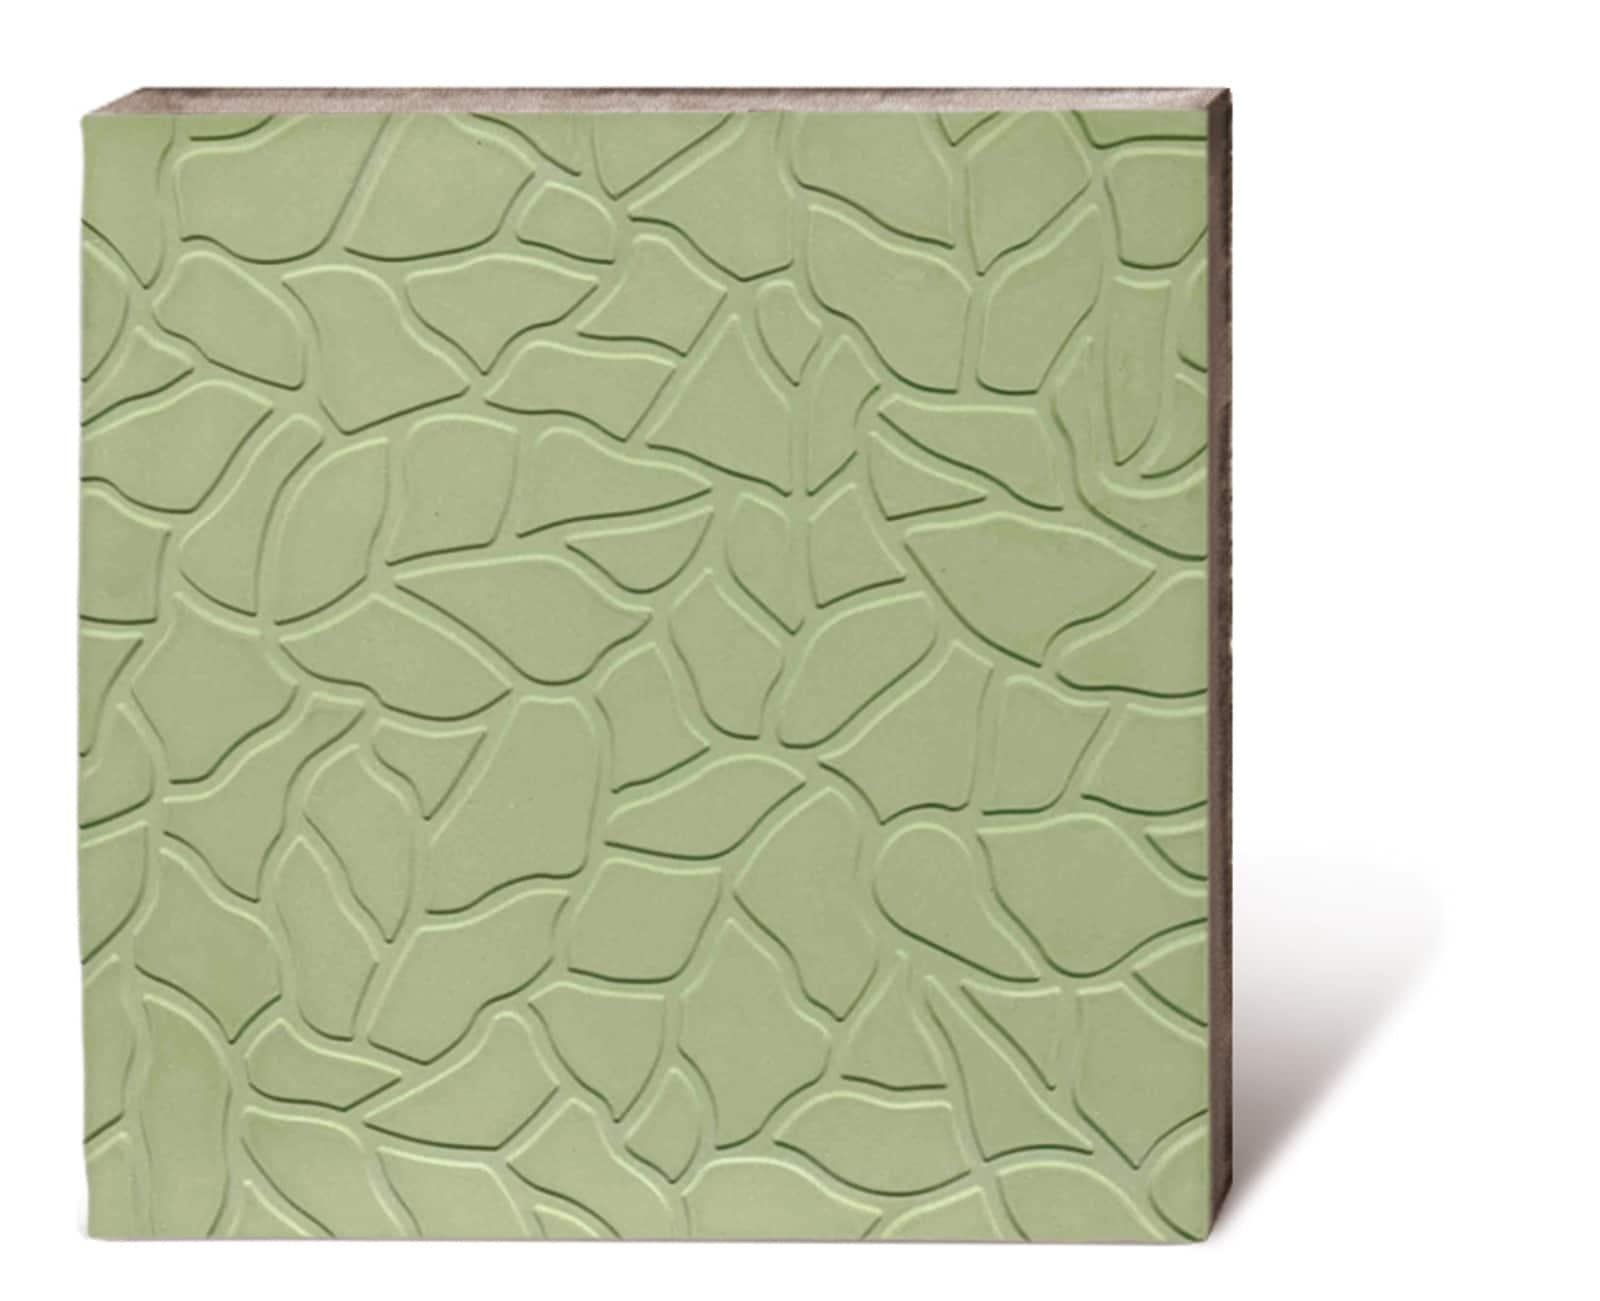 zementfliesen-terrazzofliesen-kreidefarbe-terrazzo-fugenlos-viaplatten-40621-3D | 40621